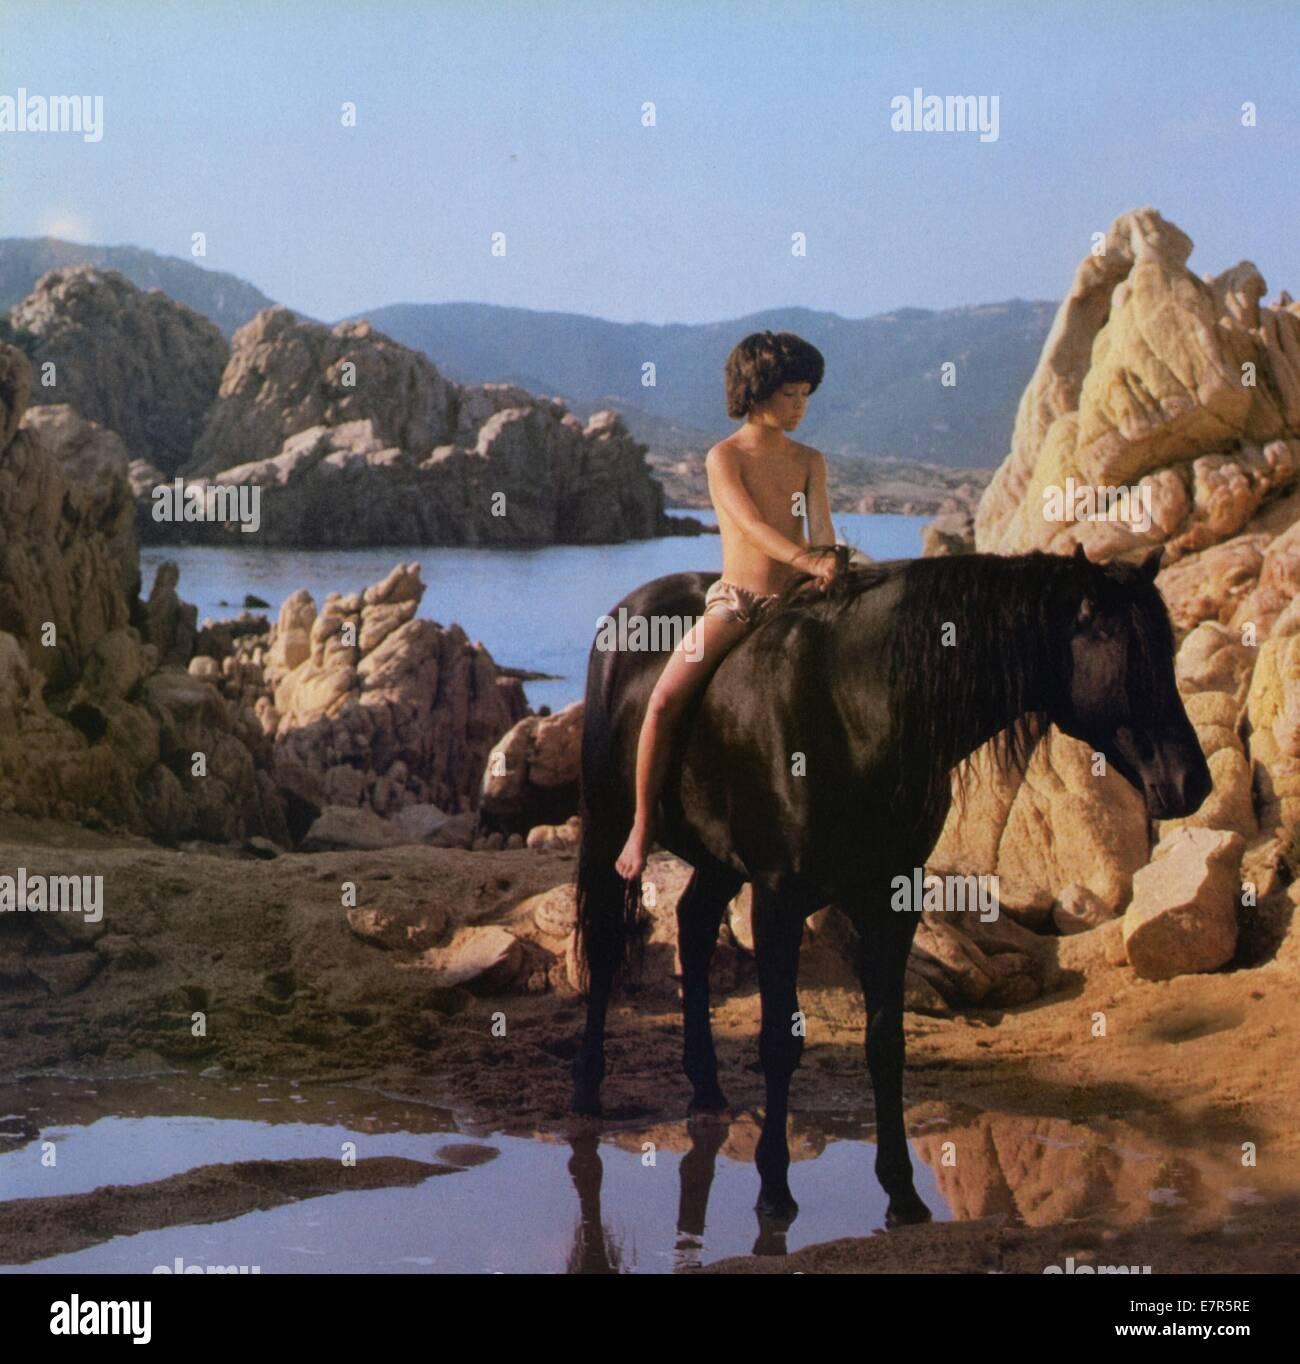 The Black Stallion  Year : 1979 USA Director : Carroll Ballard - Stock Image